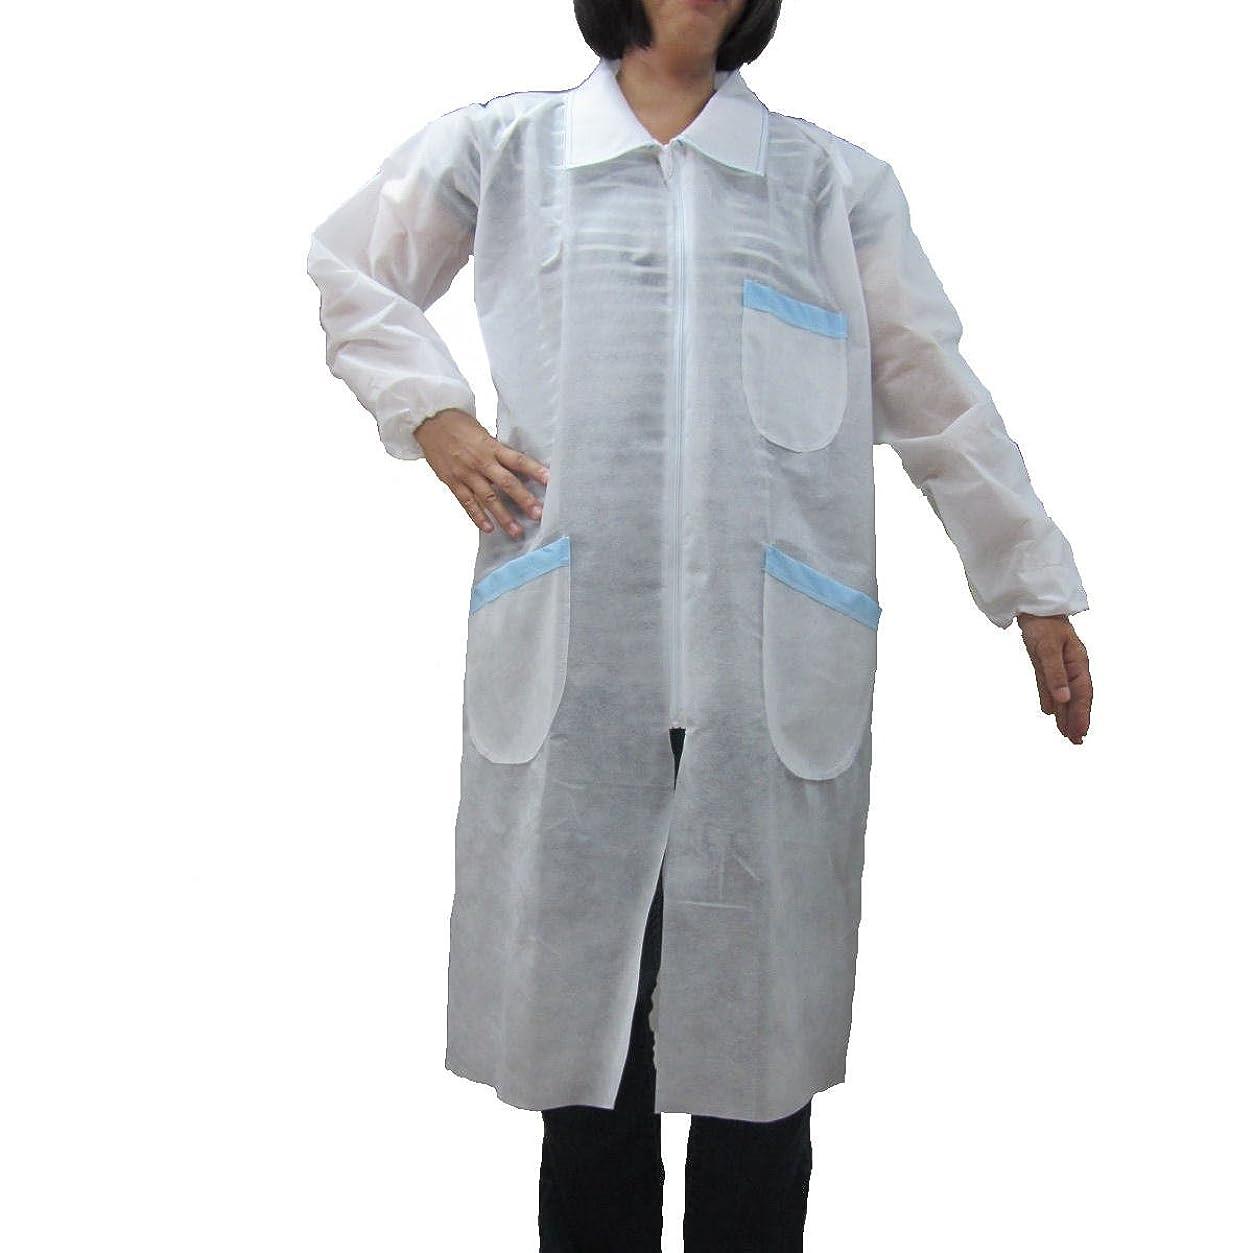 マラドロイトメキシコ天国不織布 使い捨てウェア 白衣(ポケット有) 2-01WKT(5枚) (L)